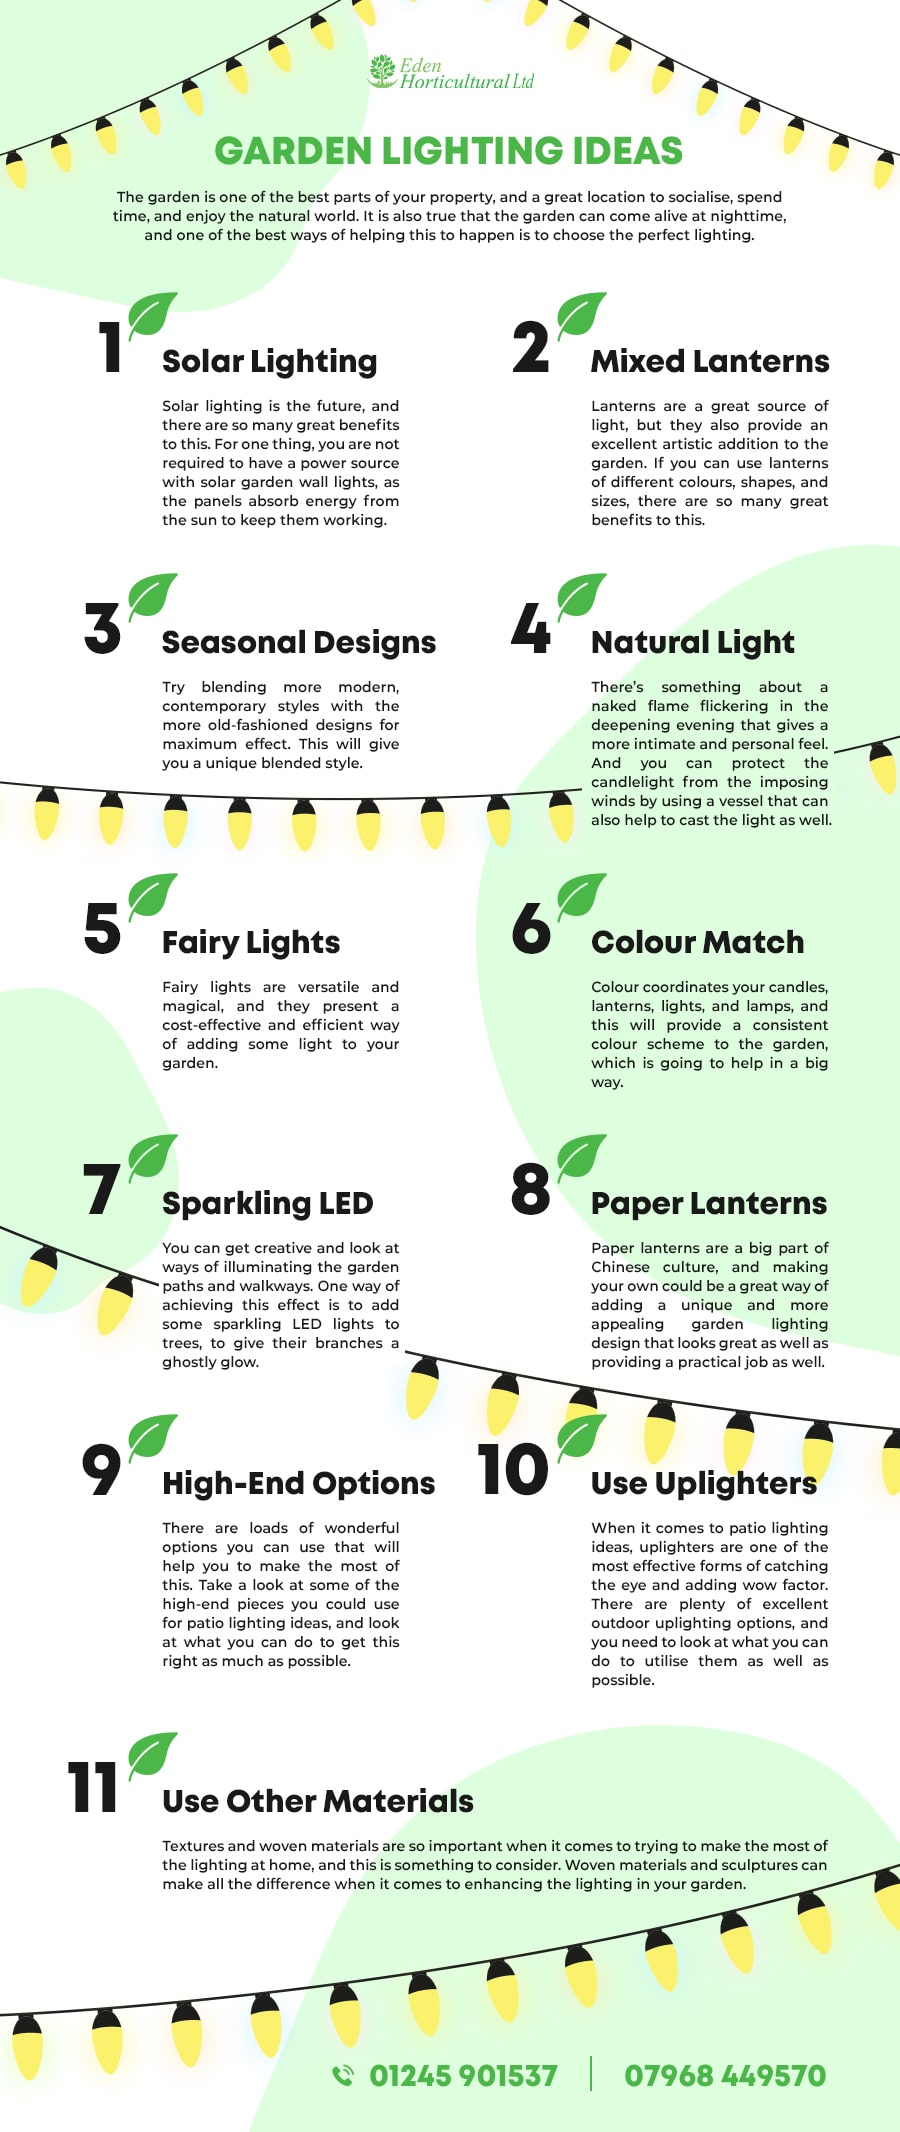 garden lightning ideas